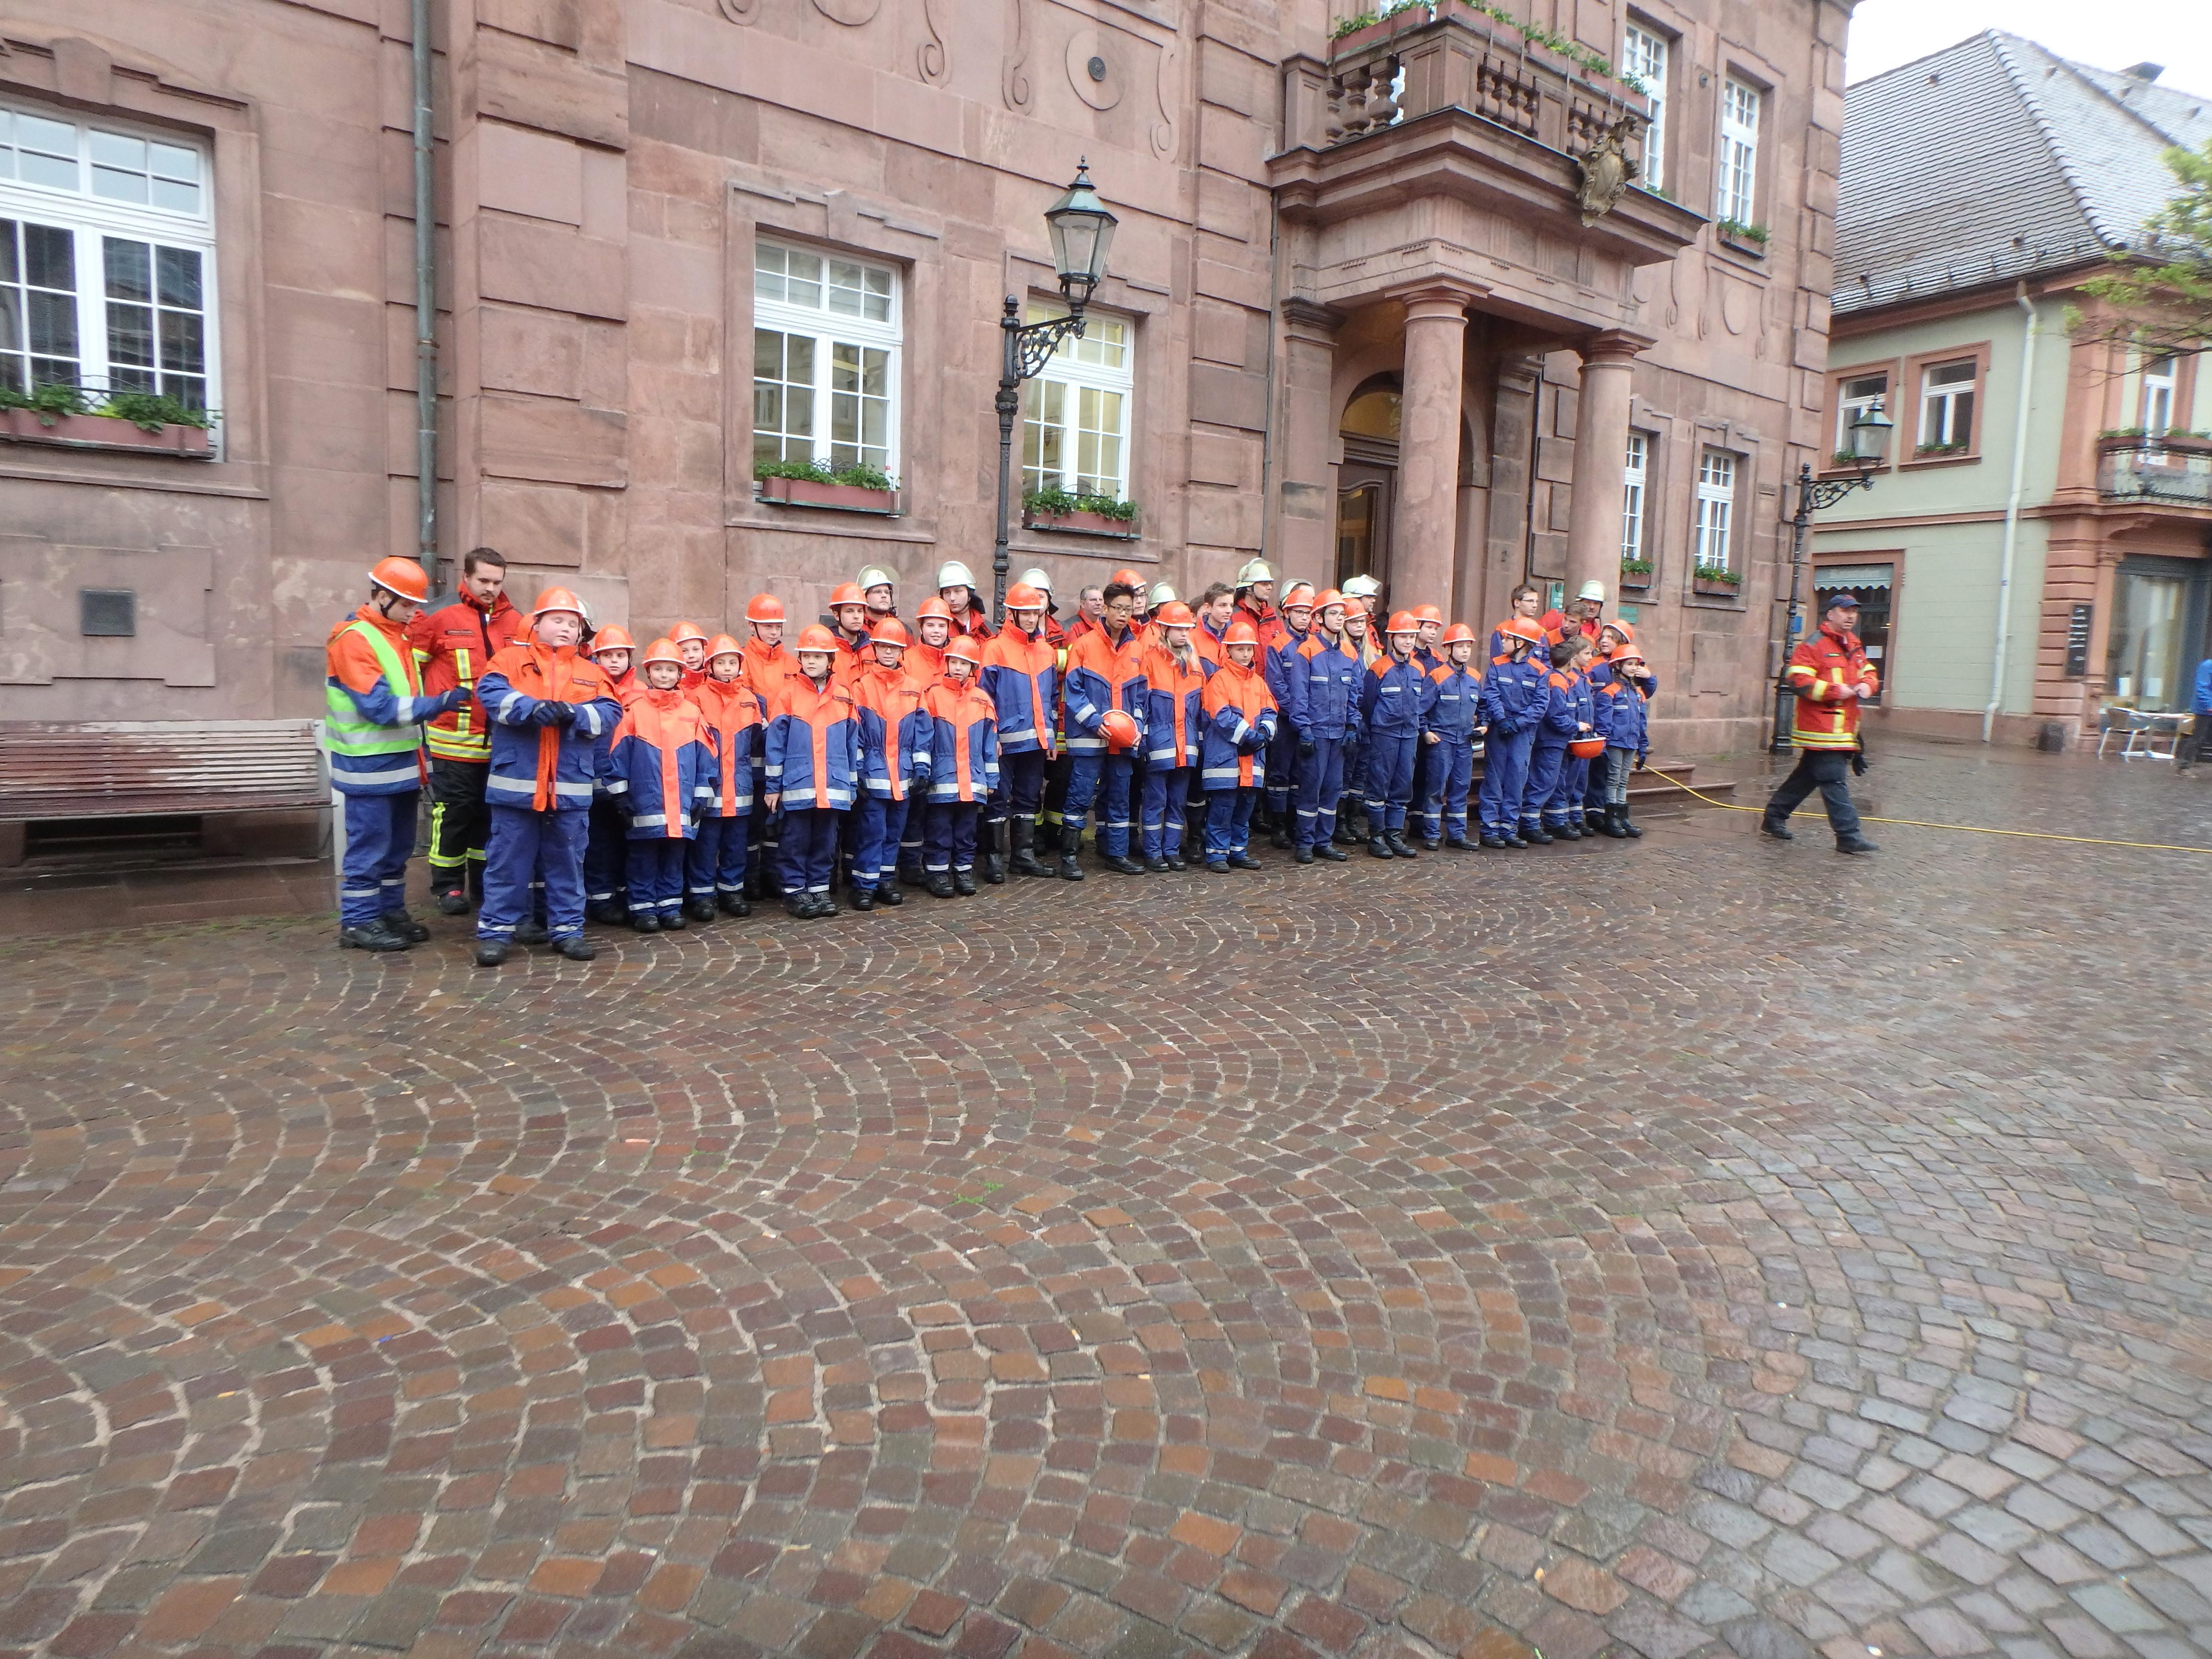 Stadtjugendübung der Freiwilligen Feuerwehr Ettlingen